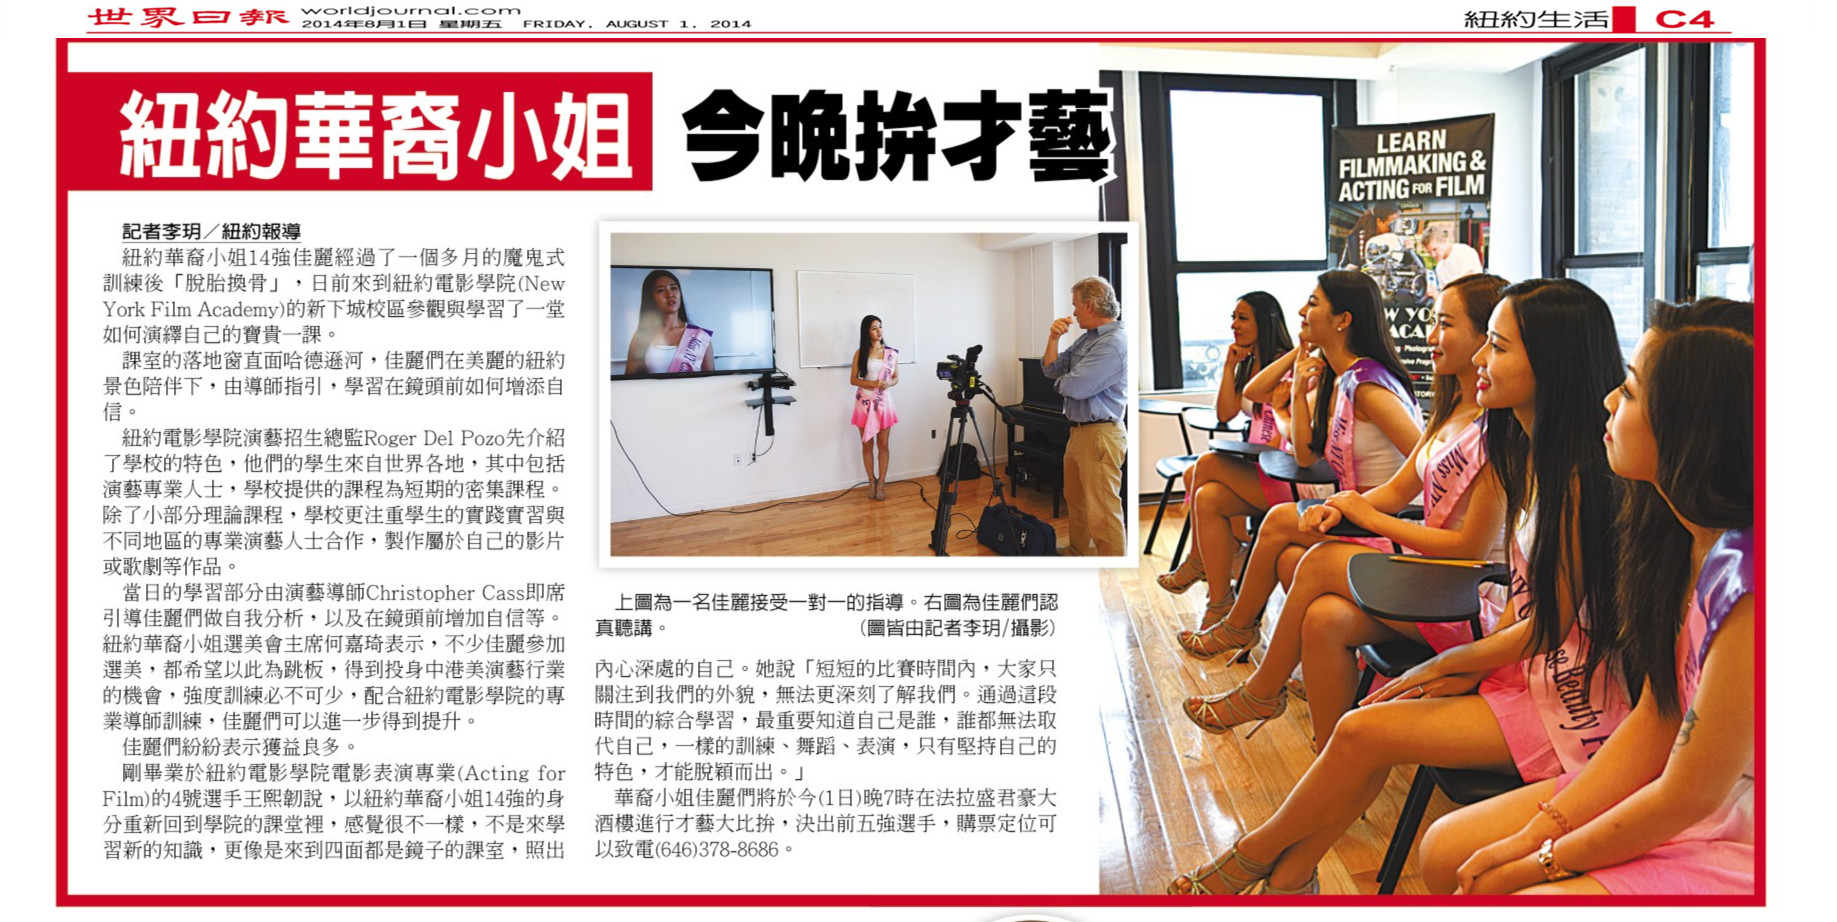 Xiren Wang Miss NY Chinese NYFA